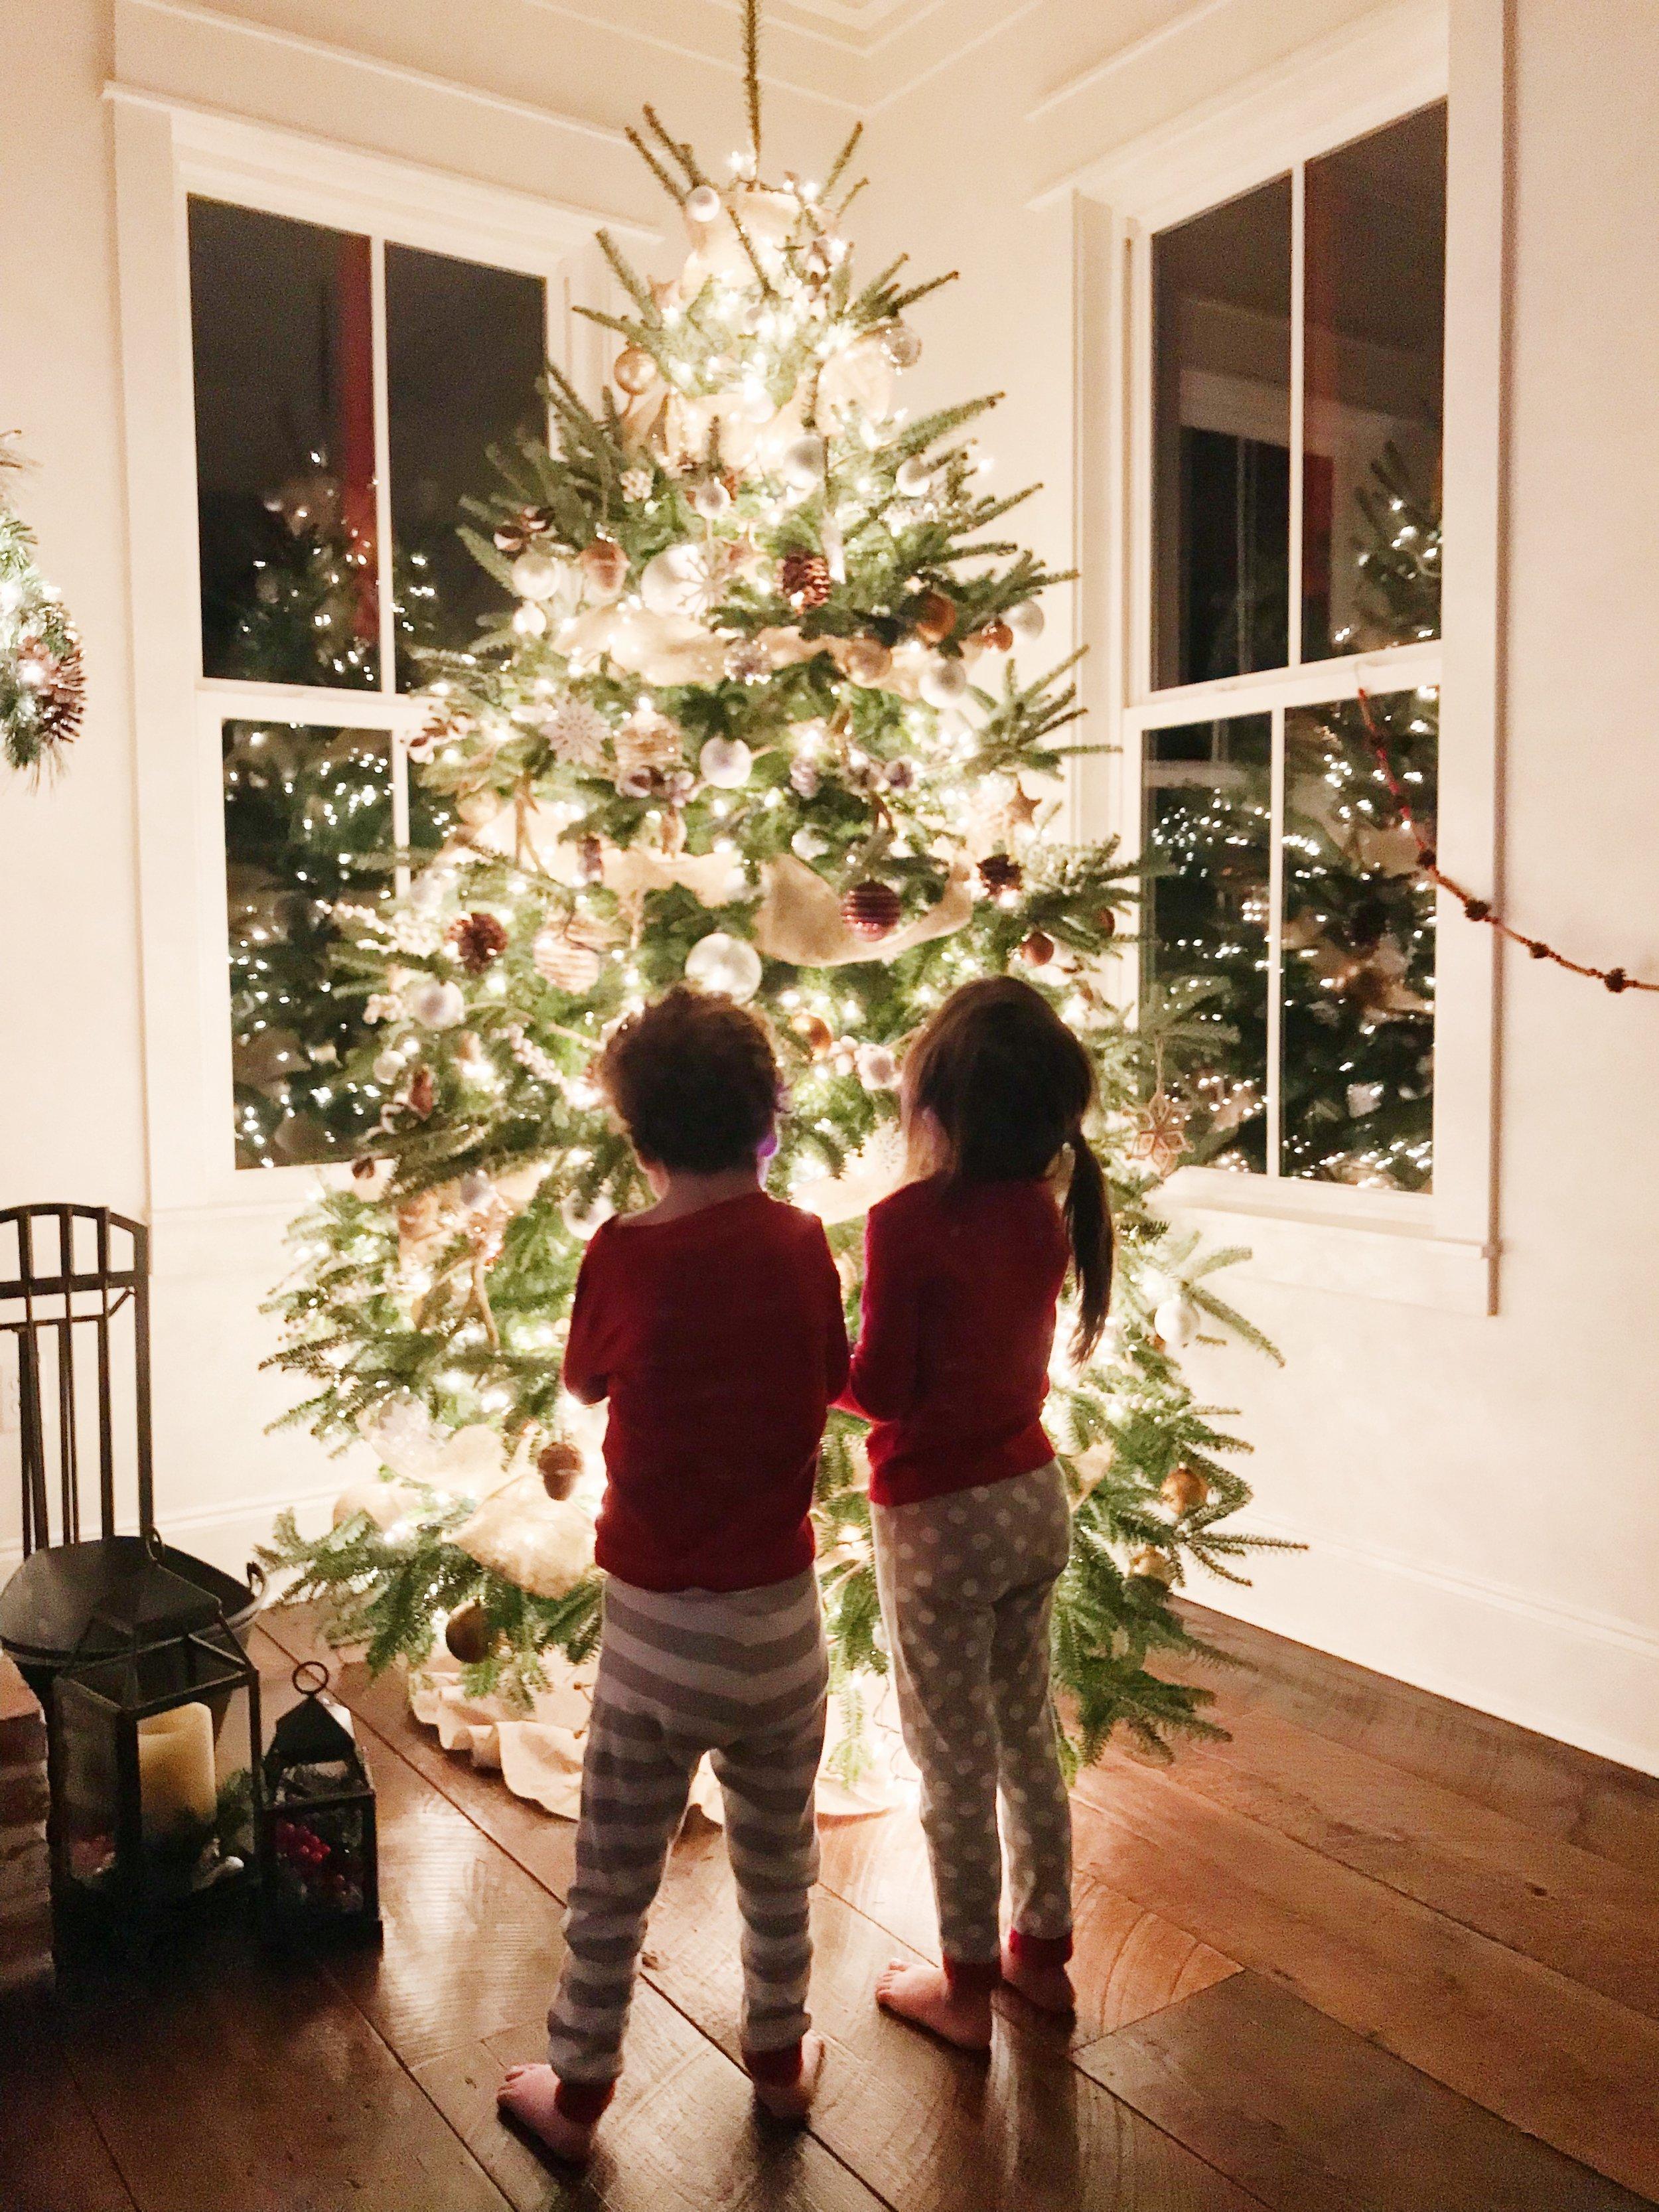 LouisianaFarmhouse Christmas 107.JPG